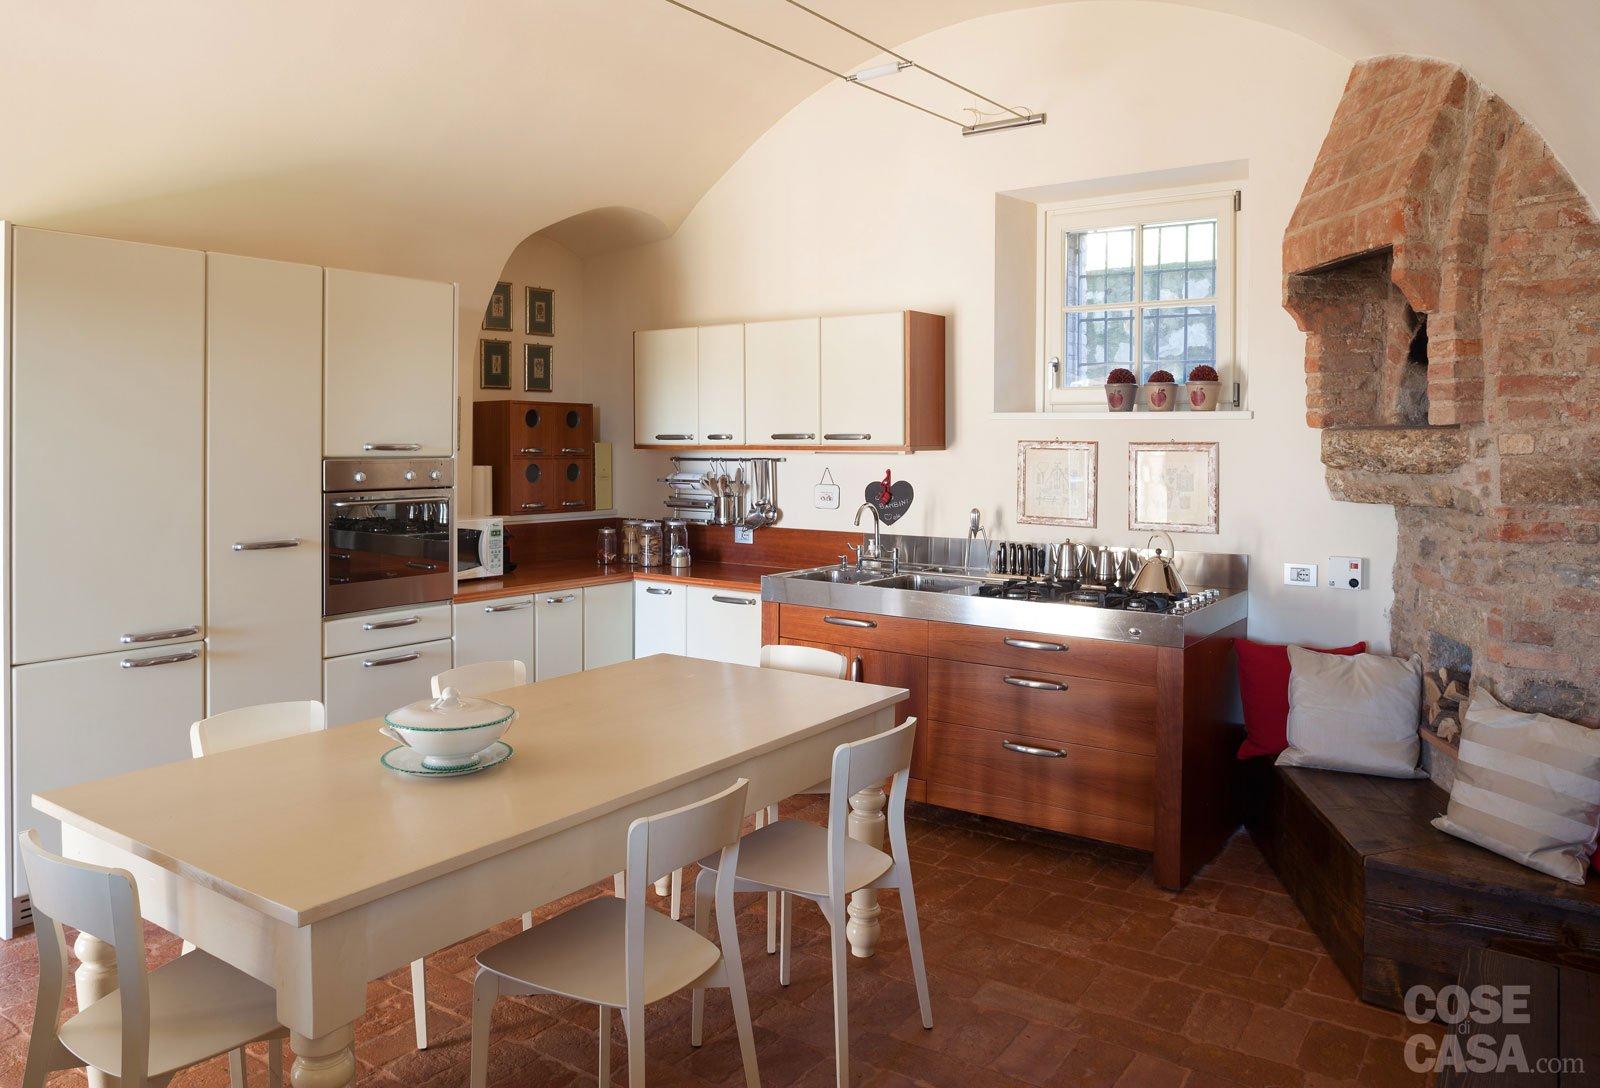 Una casa con ambienti moderni a sfondo rustico cose di casa for Piccoli piani di casa con un sacco di finestre